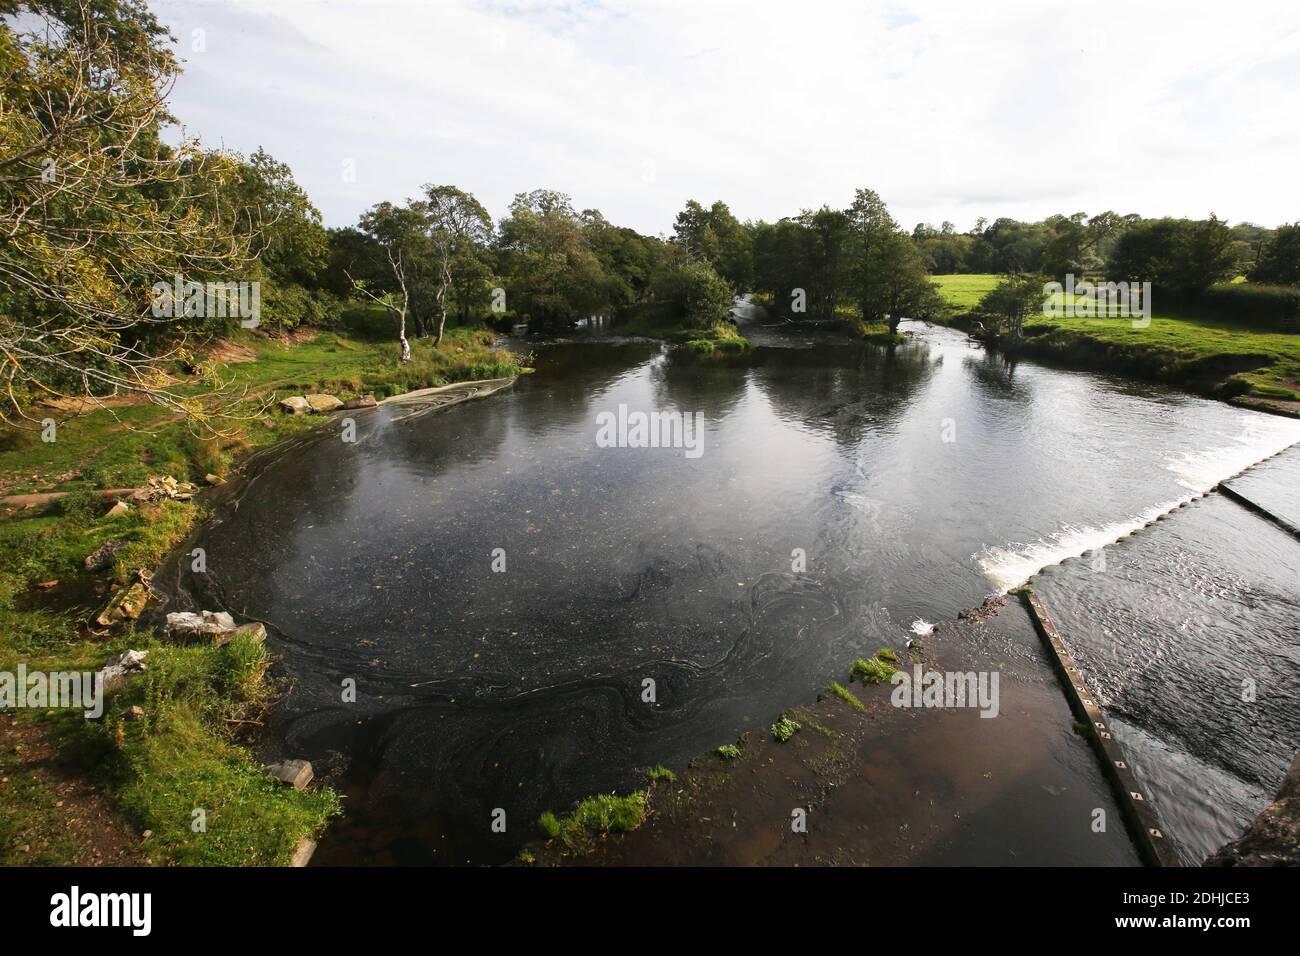 La rivière Coquet. En aval à Pauperhaugh.Samedi 3 octobre 2020. Banque D'Images